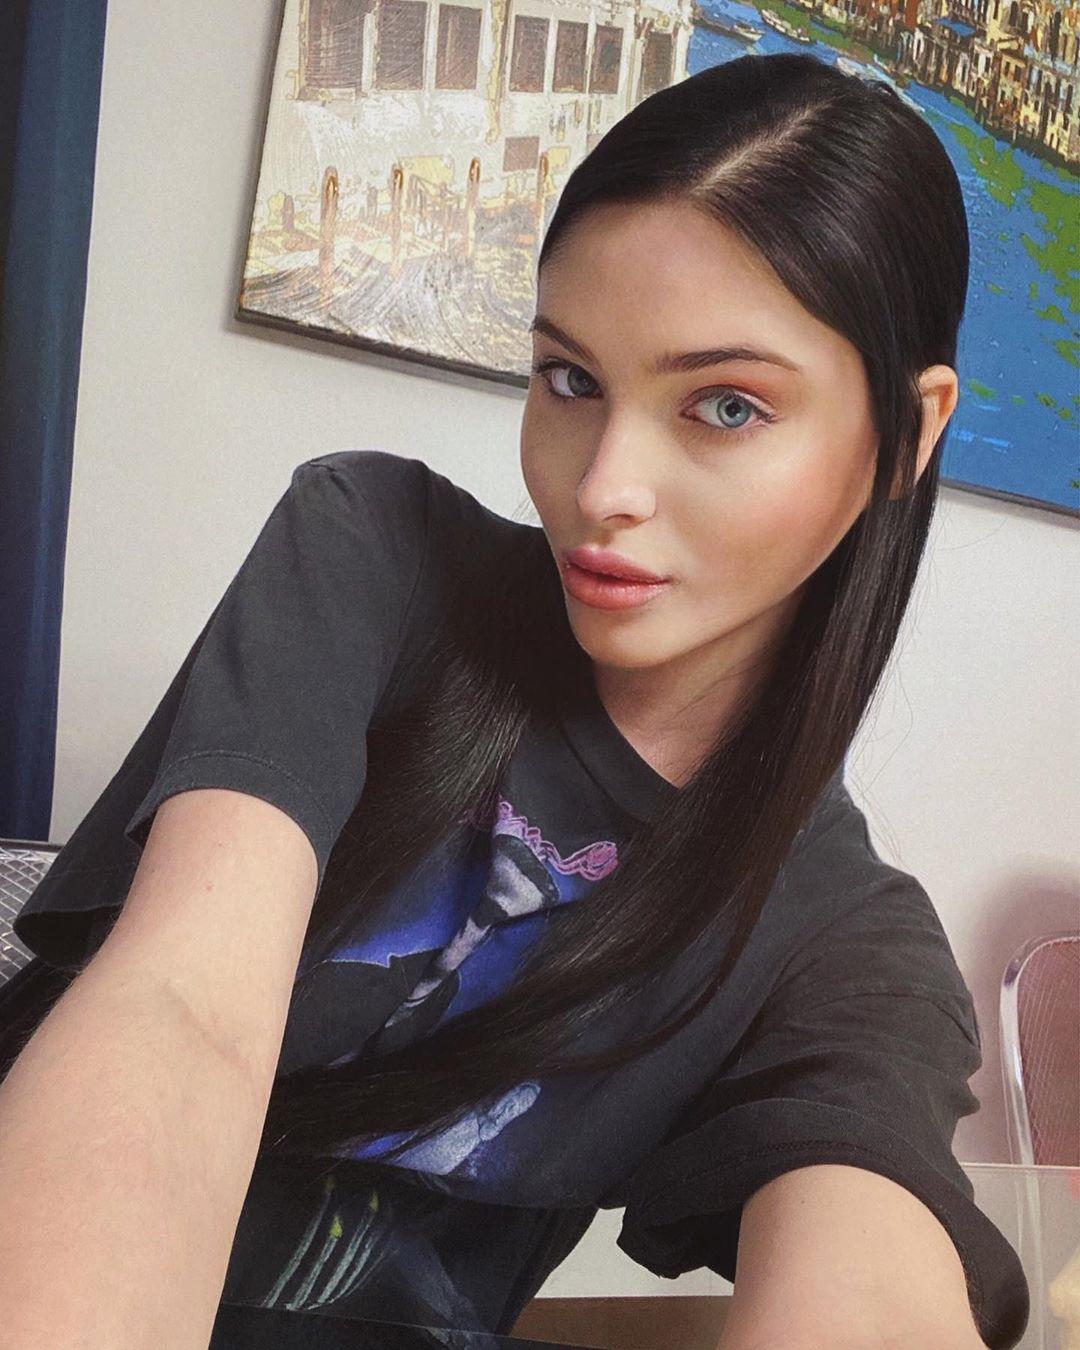 Алена Шишкова: они вместе проводили время на фестивале «Жара 2019» в Баку, а еще Алена — одна из немногих моделей в списке подписок Эмина в Instagram!